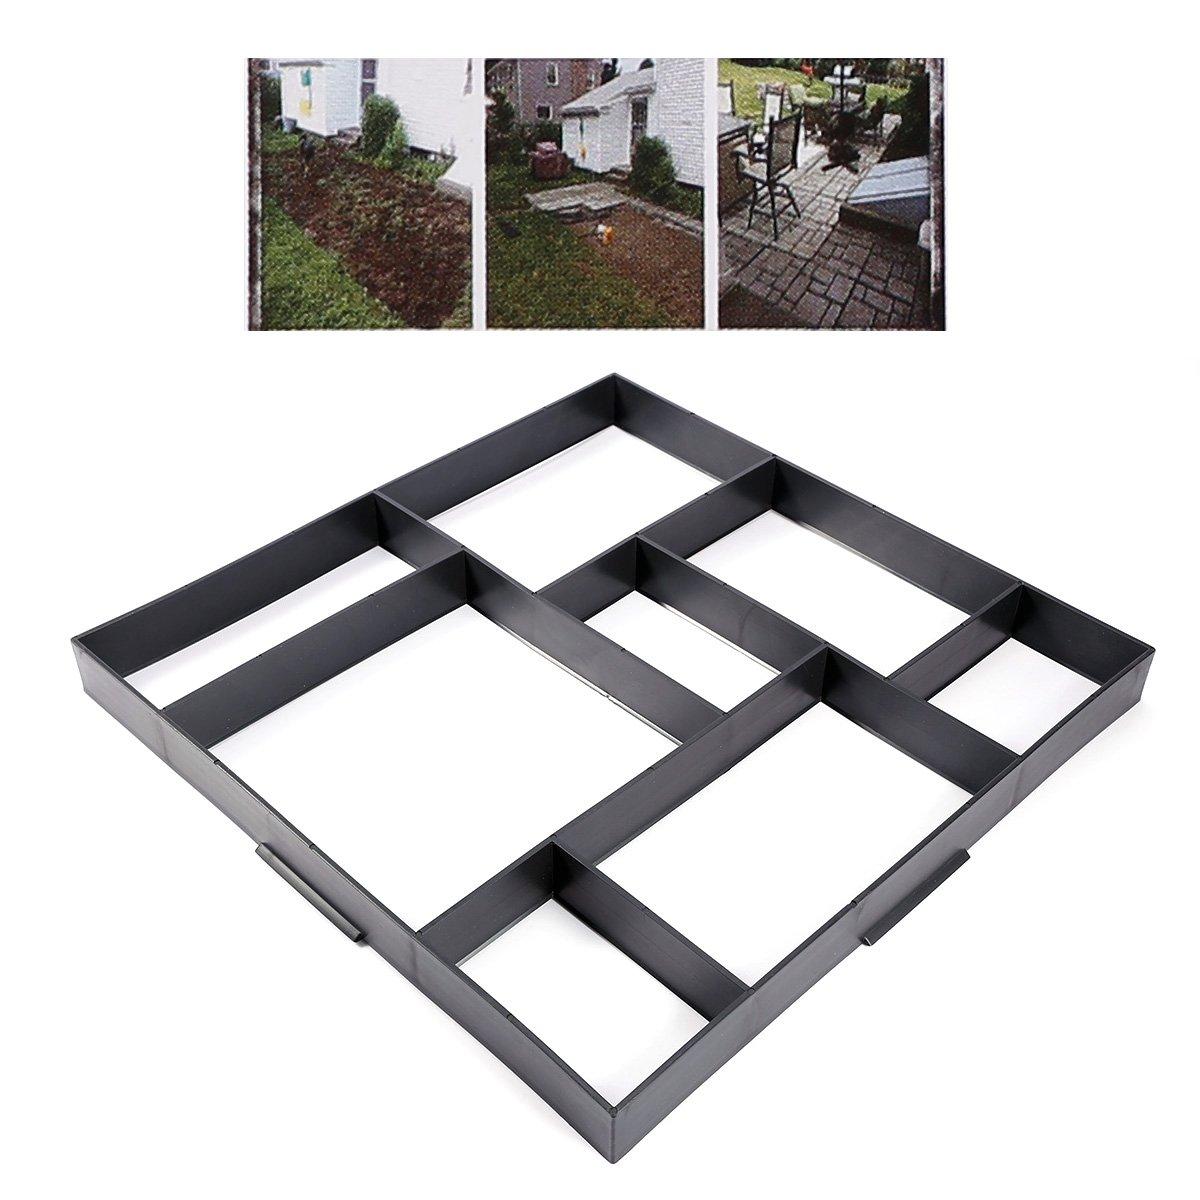 Molde rectángulo cuadrado pavimentazione Jardín ladrillo piedra Cemento Hormigón suelo caminos Patios Fai Da Te: Amazon.es: Hogar